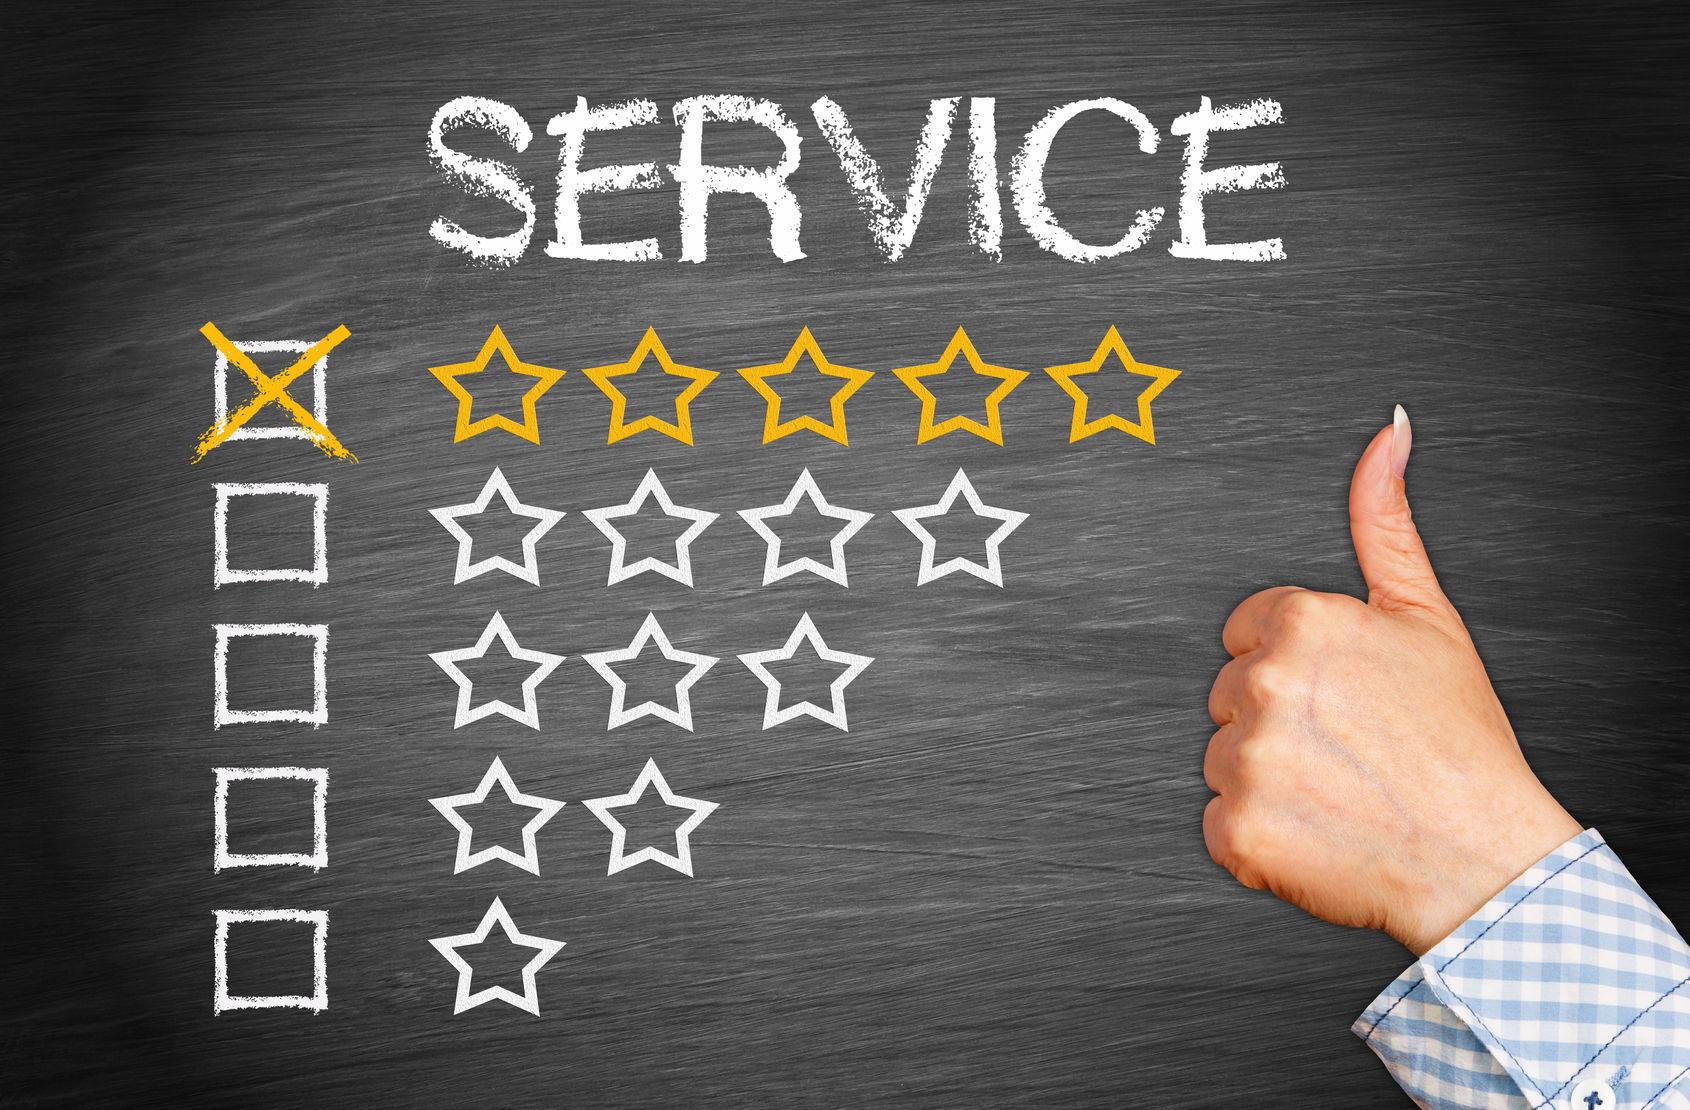 Satisfacción del cliente: ¿Cuál es su importancia?